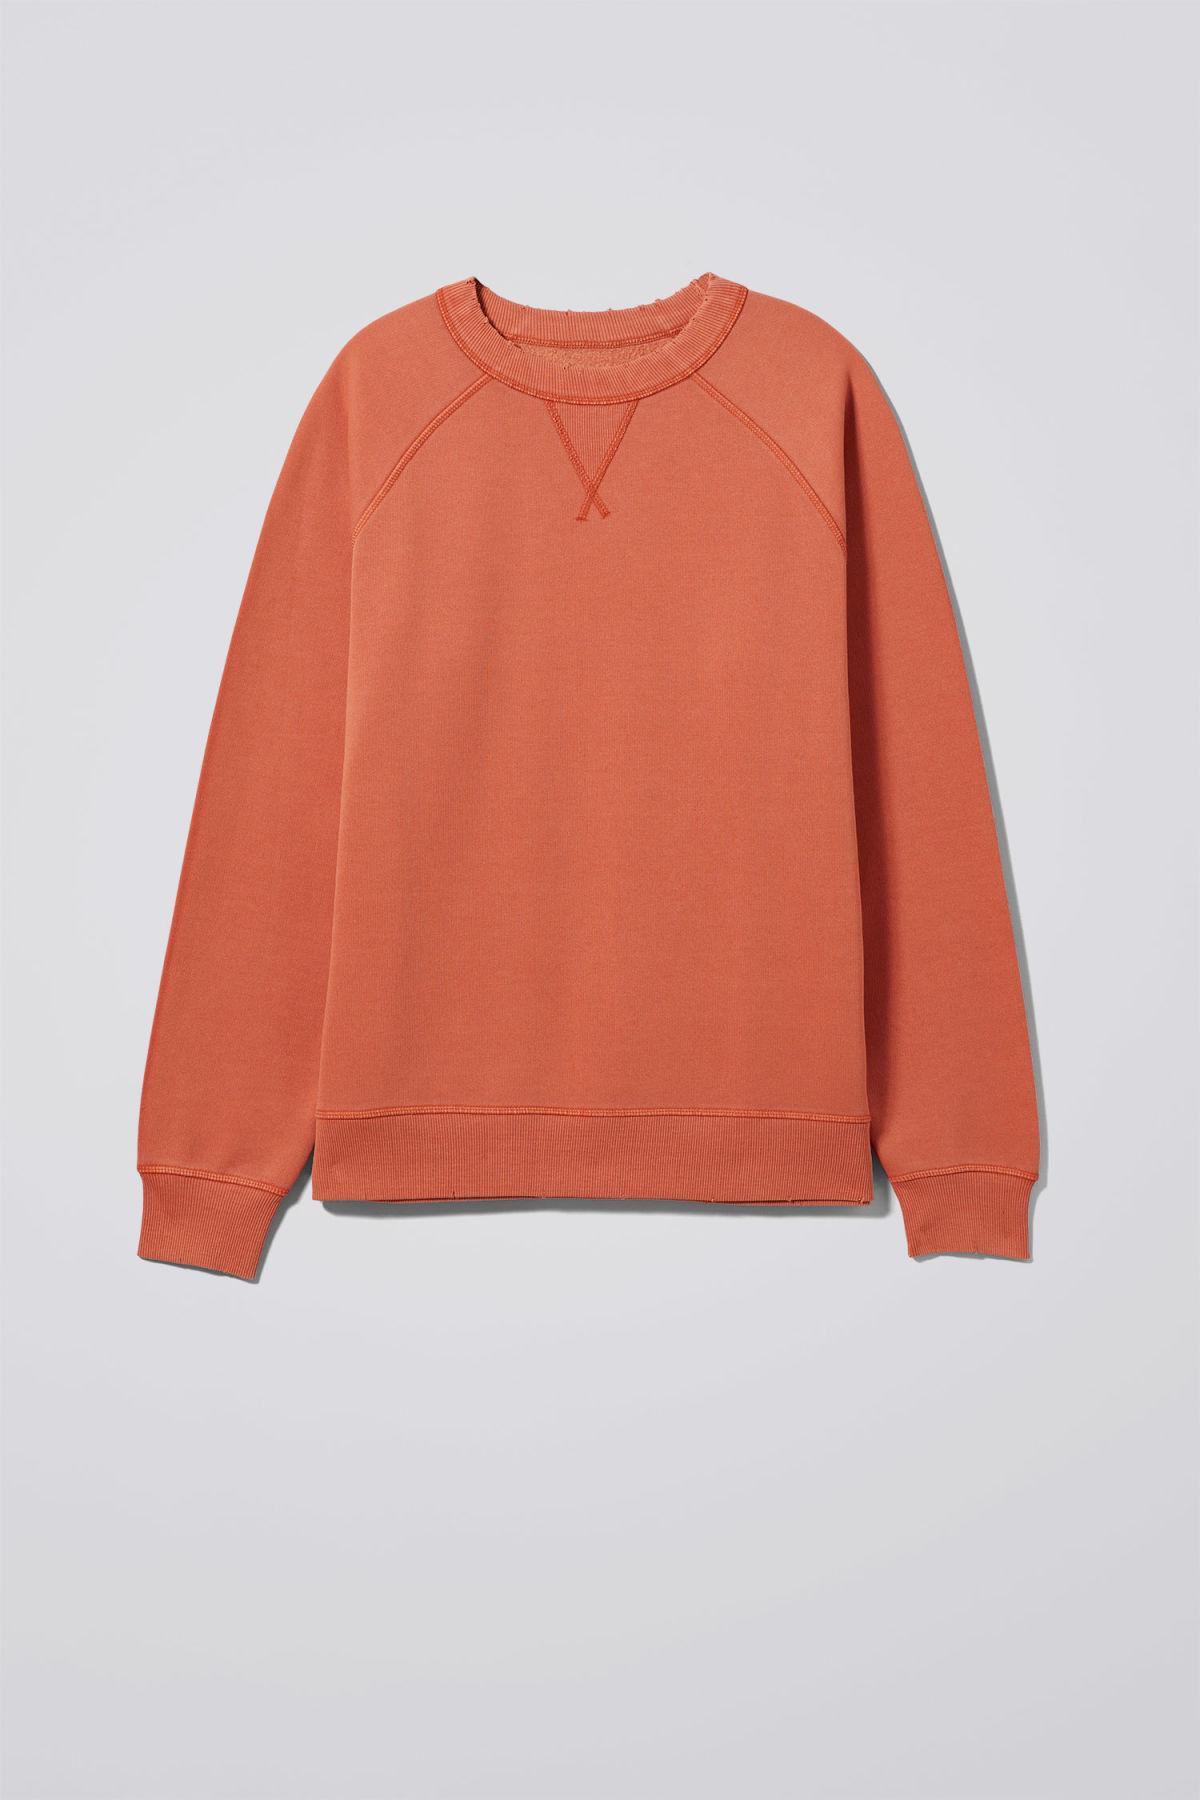 b20ec6b909d4 Weekday Kläder | Shoppa Online | Afound